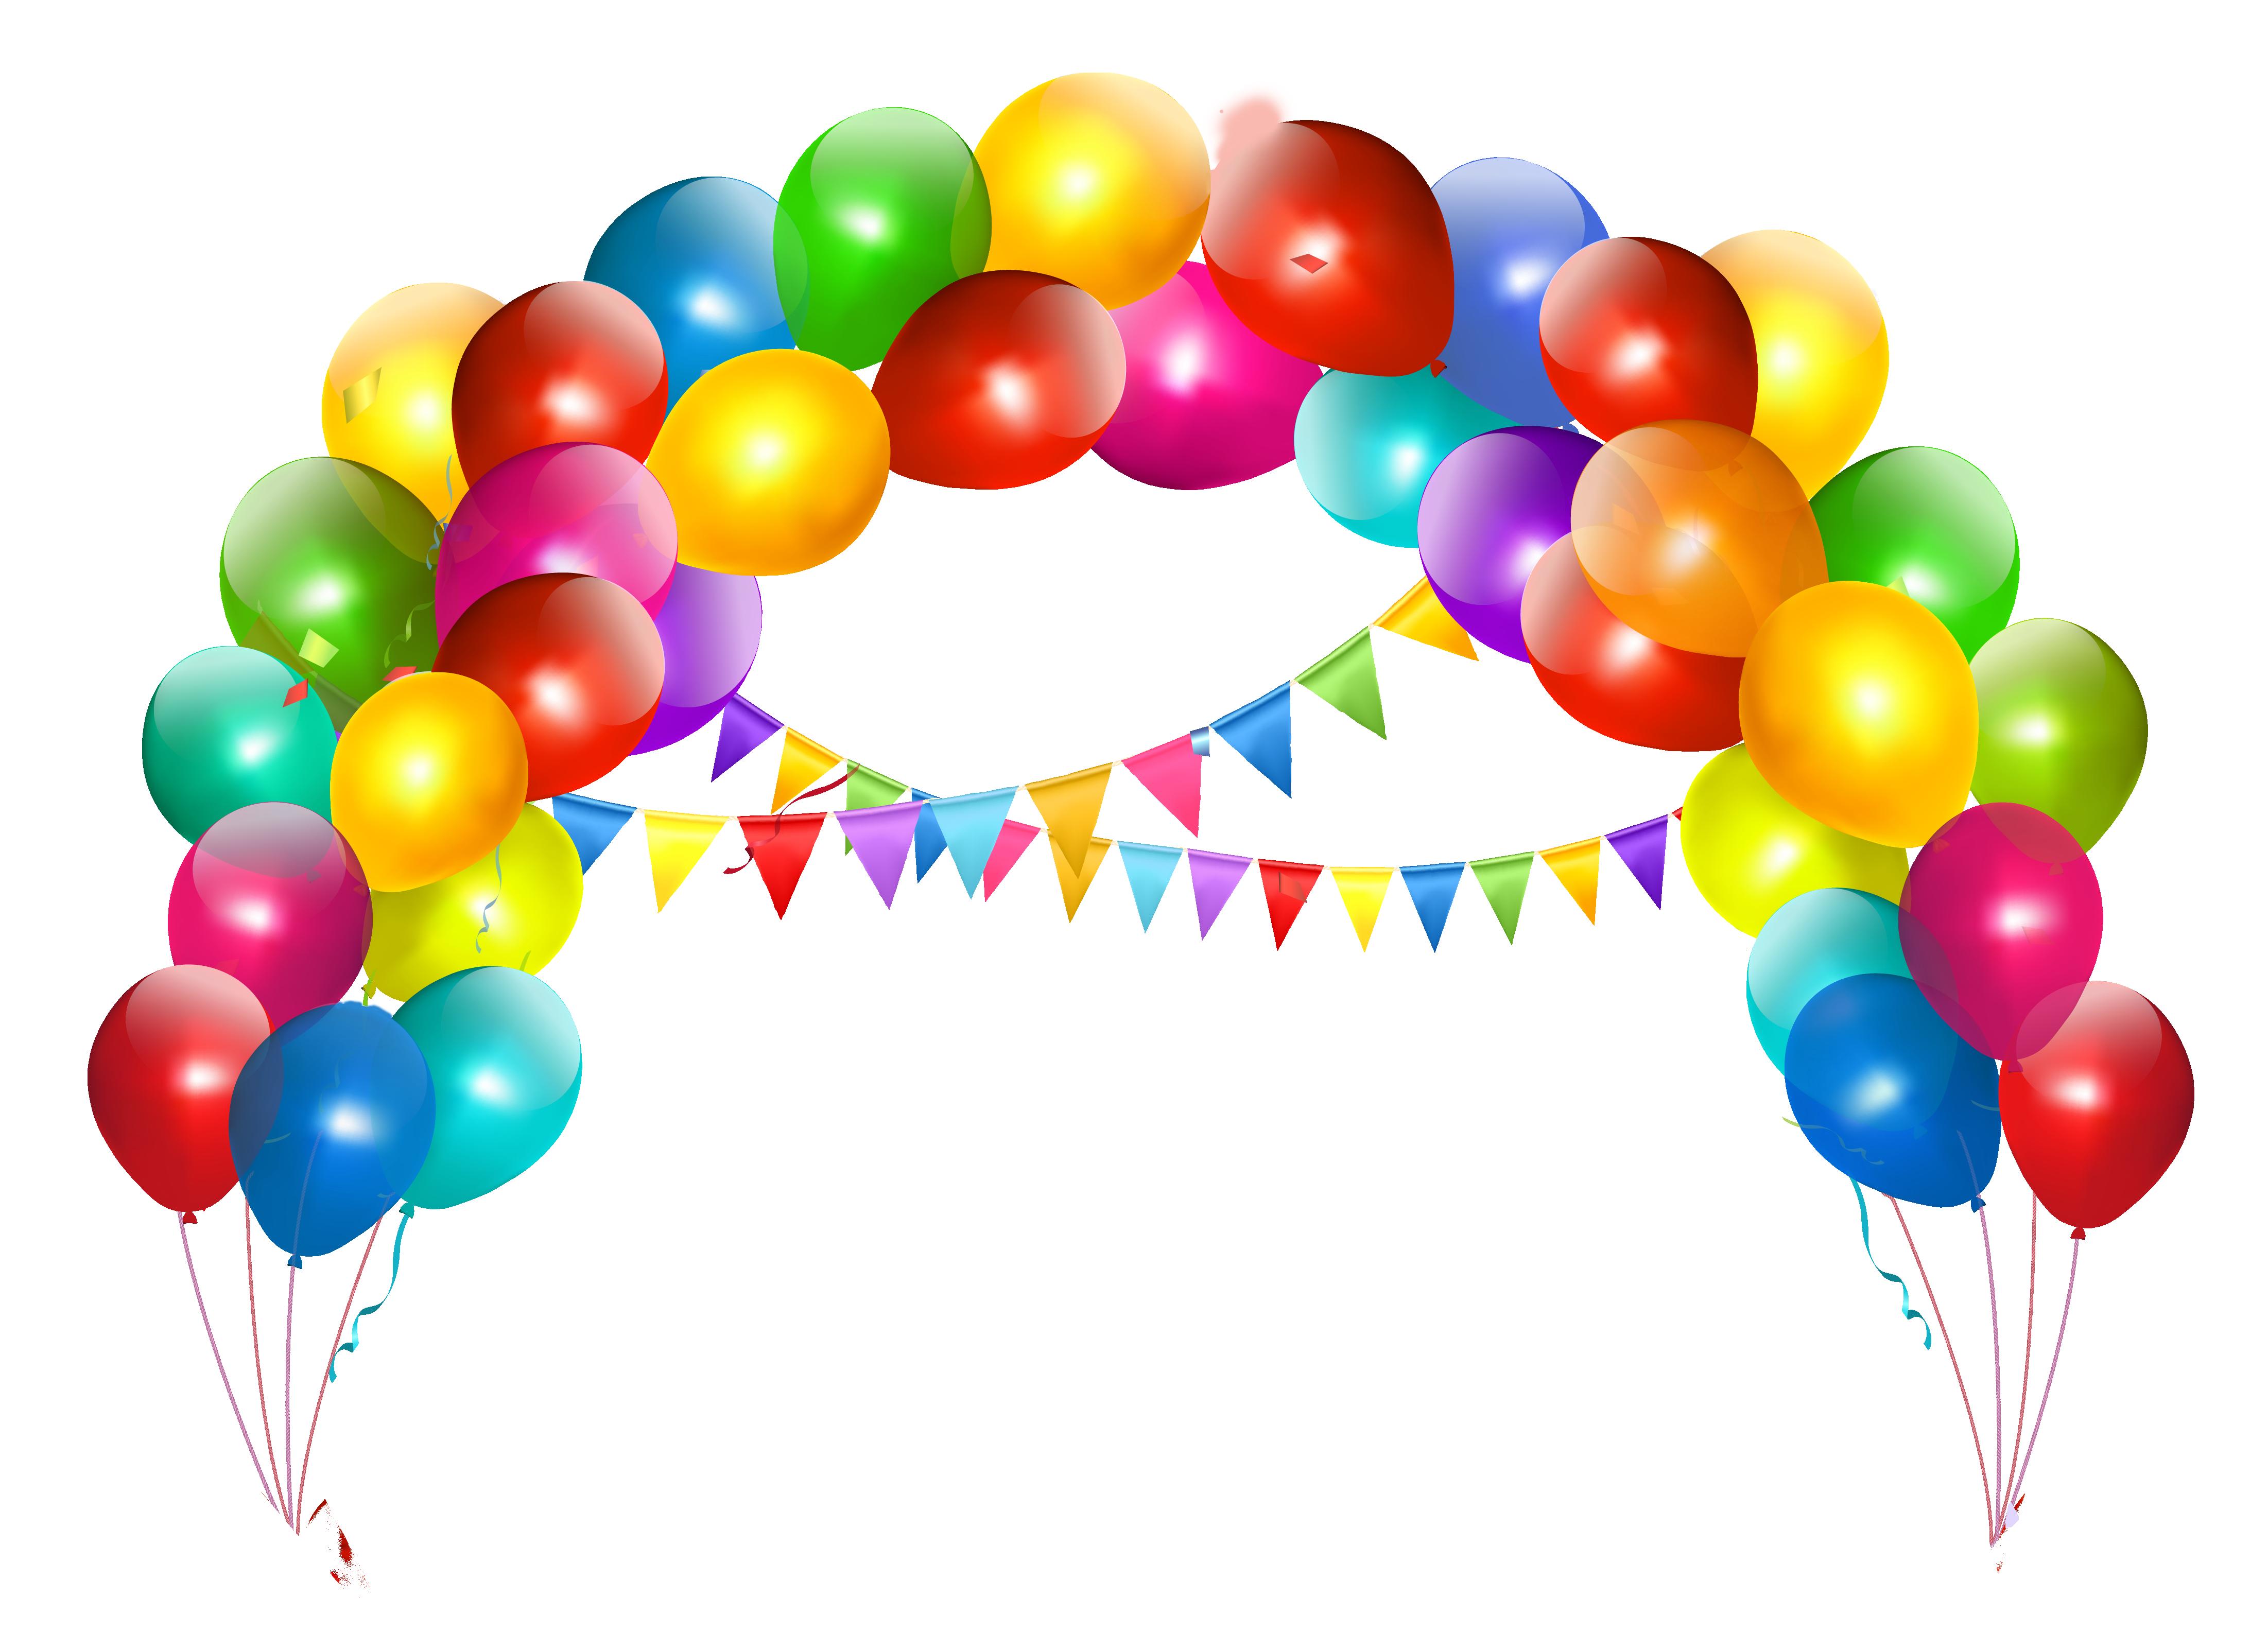 Free Balloons Clip Art. Balloon-Free Balloons Clip Art. Balloon-6